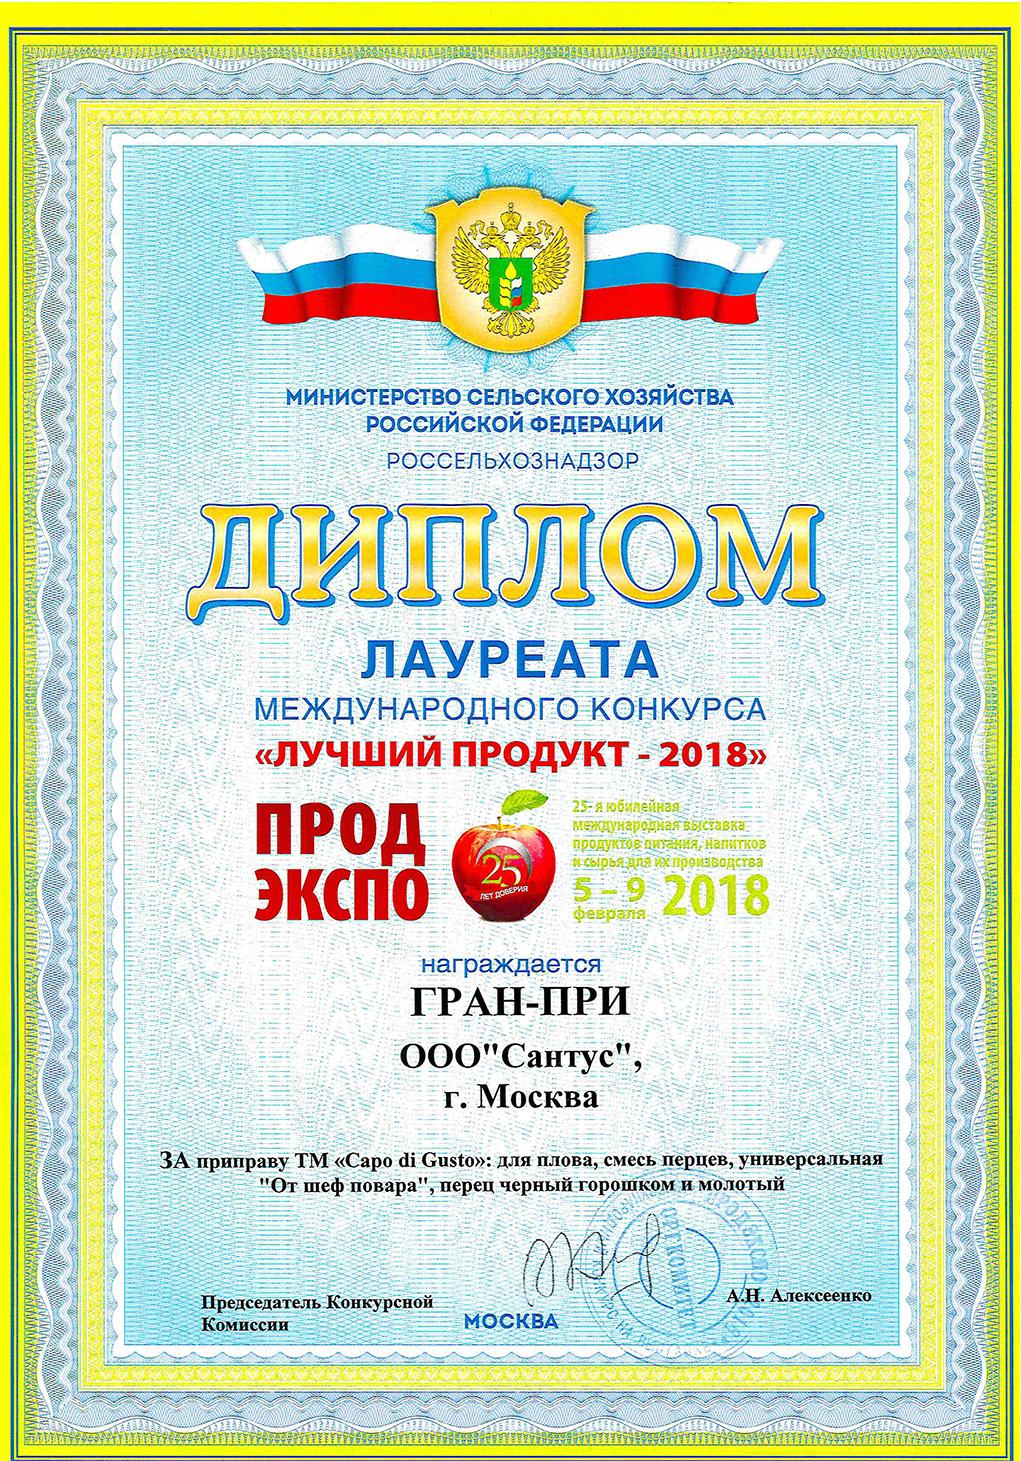 Итоги международной выставки ПРОДЭКСПО 2018